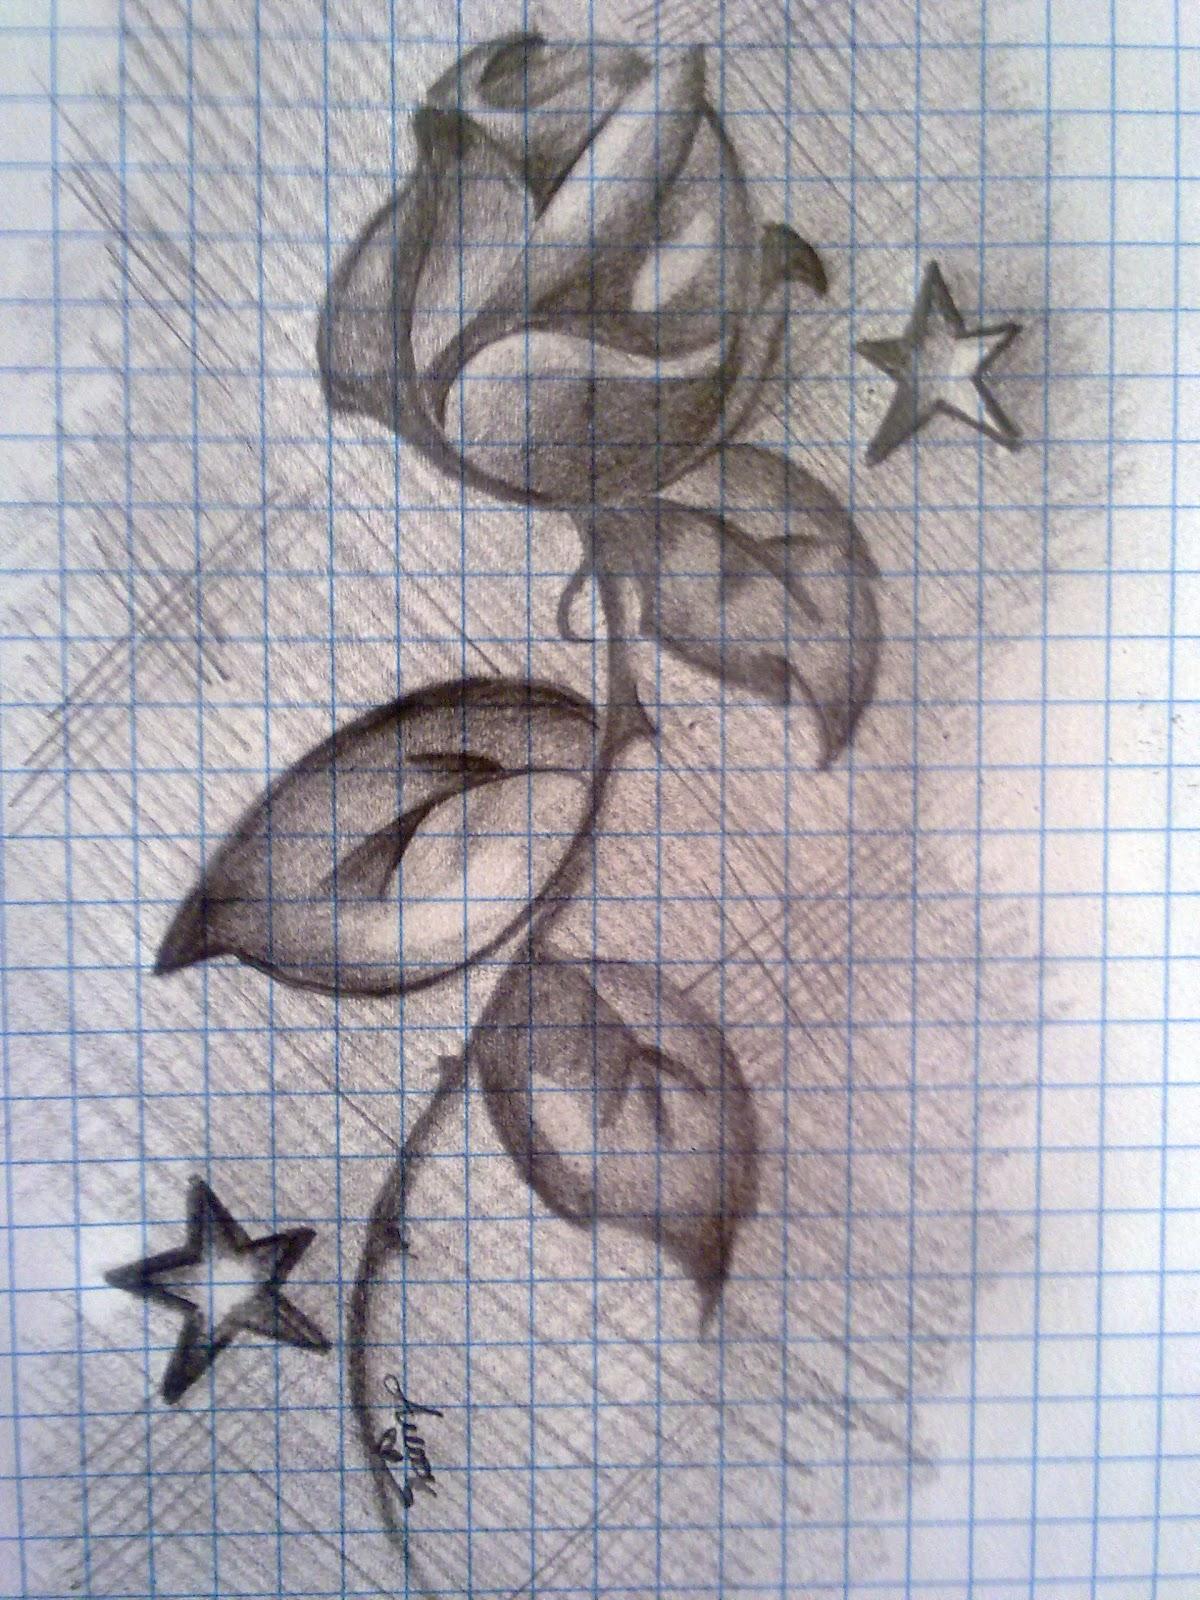 imagenes de rosas y corazones para dibujar y coloreo  - Imagenes De Corazones Con Rosas Para Dibujar